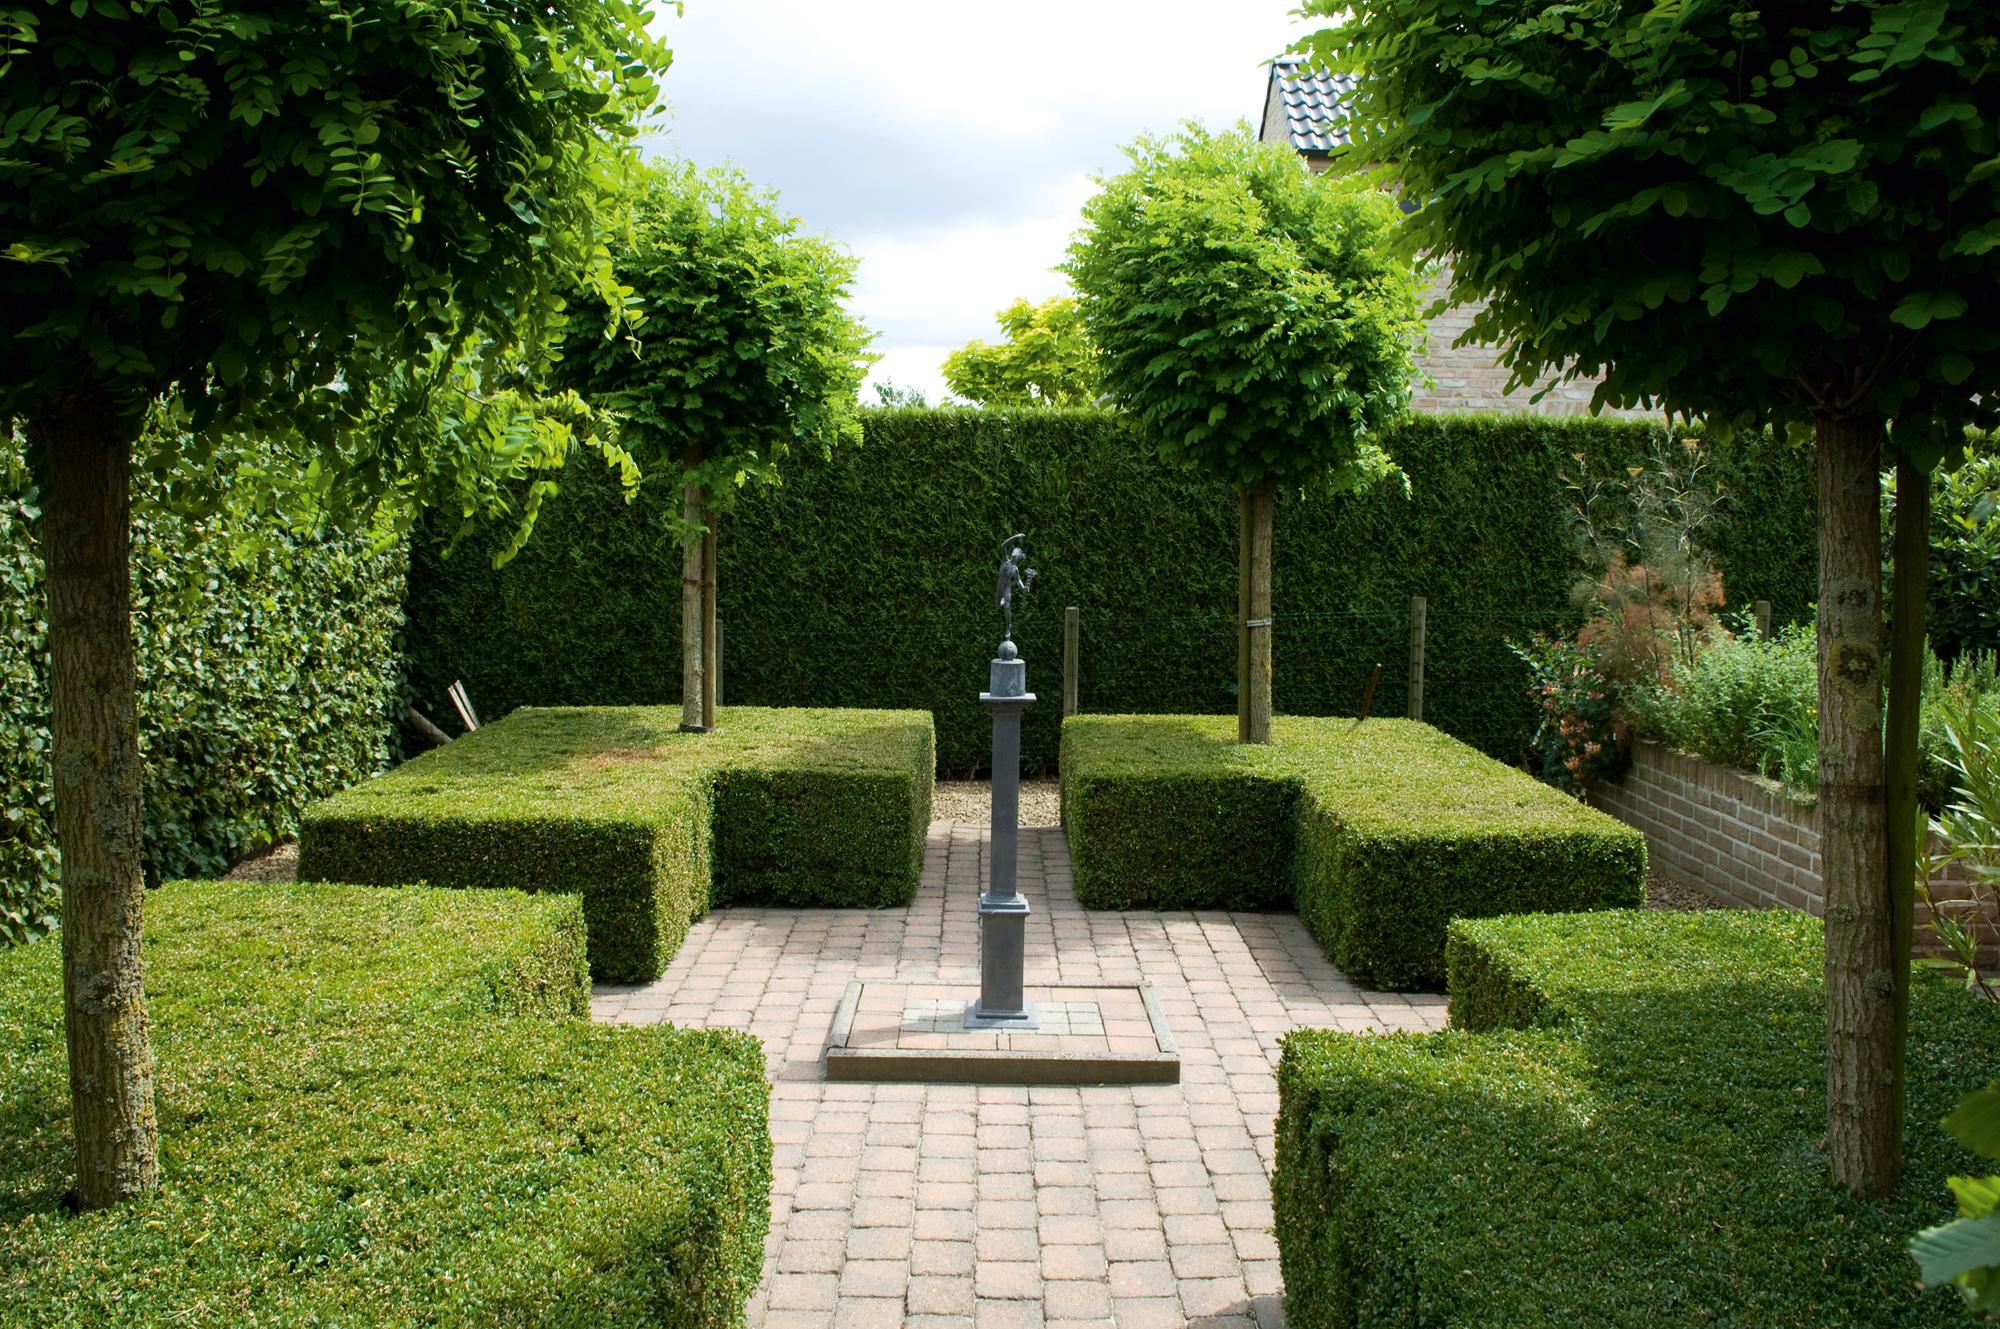 haagplanten kopen haagplanten kopen hagen taxushagen haagbeukhagen beukhaag buxushagen